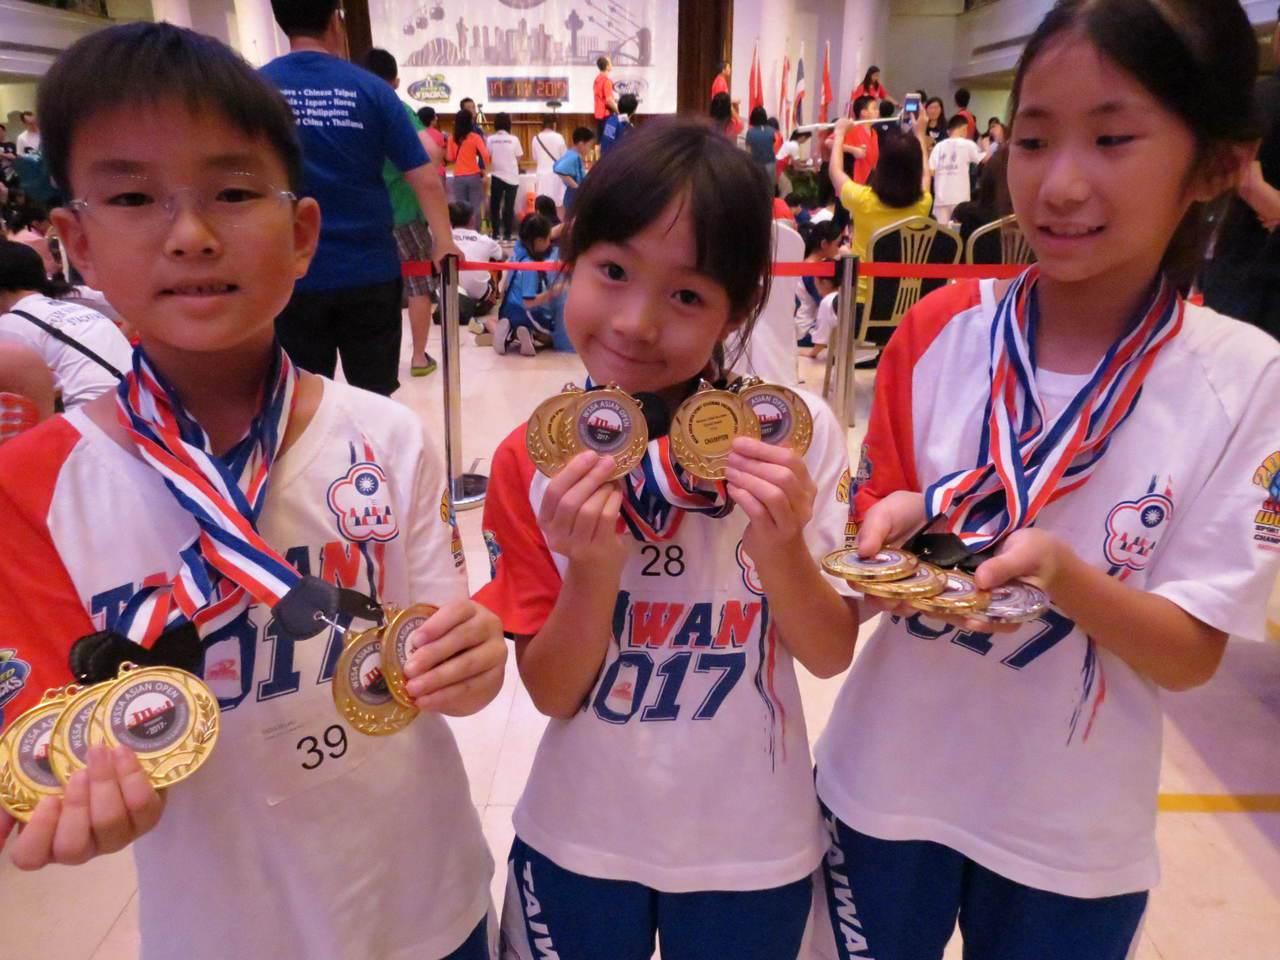 廖修禕(左)、張瑜庭(中)是本屆8歲組三冠王、三冠后;林佳瑩(右)勇奪10歲組雙...